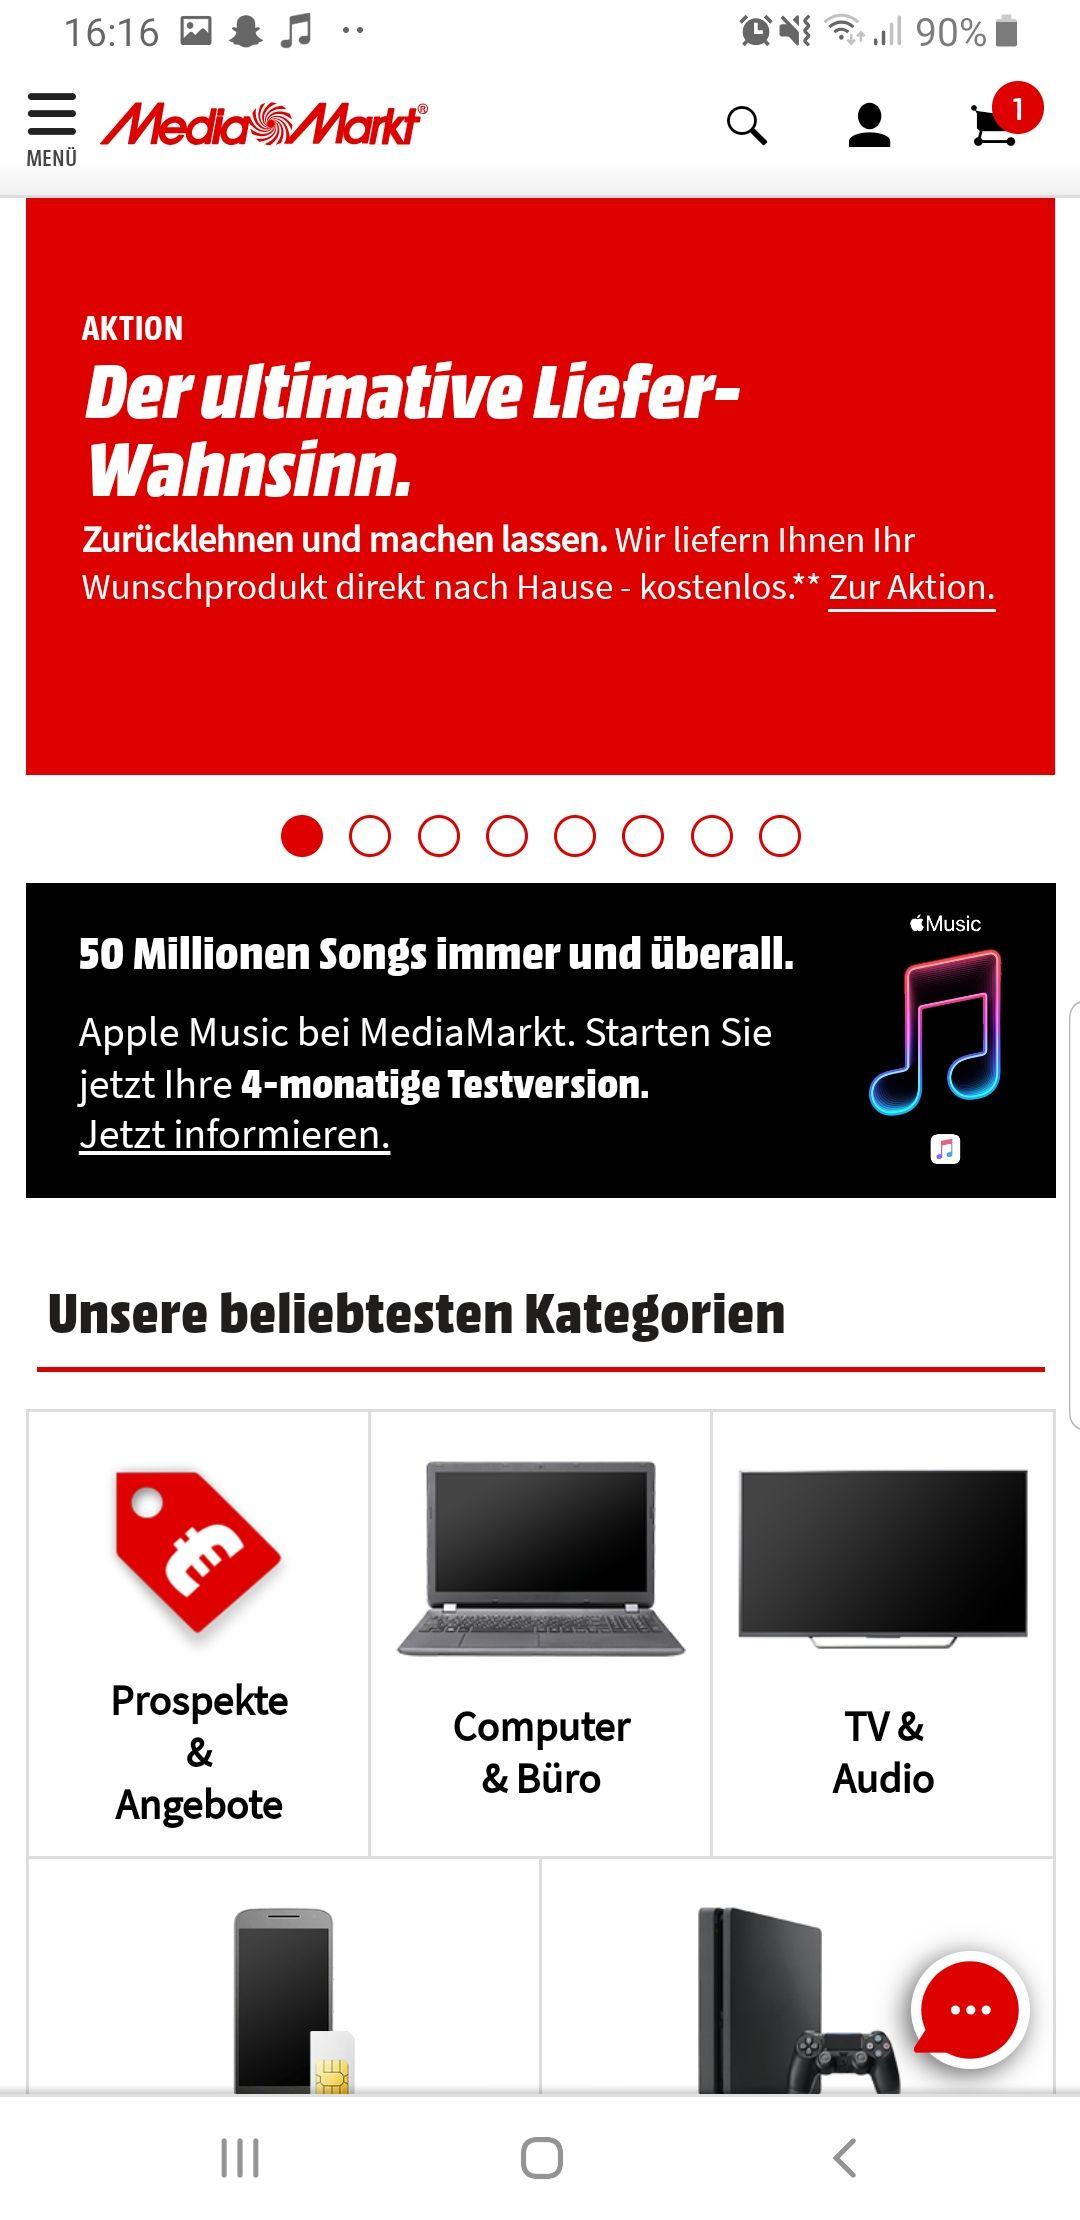 4 Monate Applemusic Gratis bei MediaMarkt für Neuanmeldungen